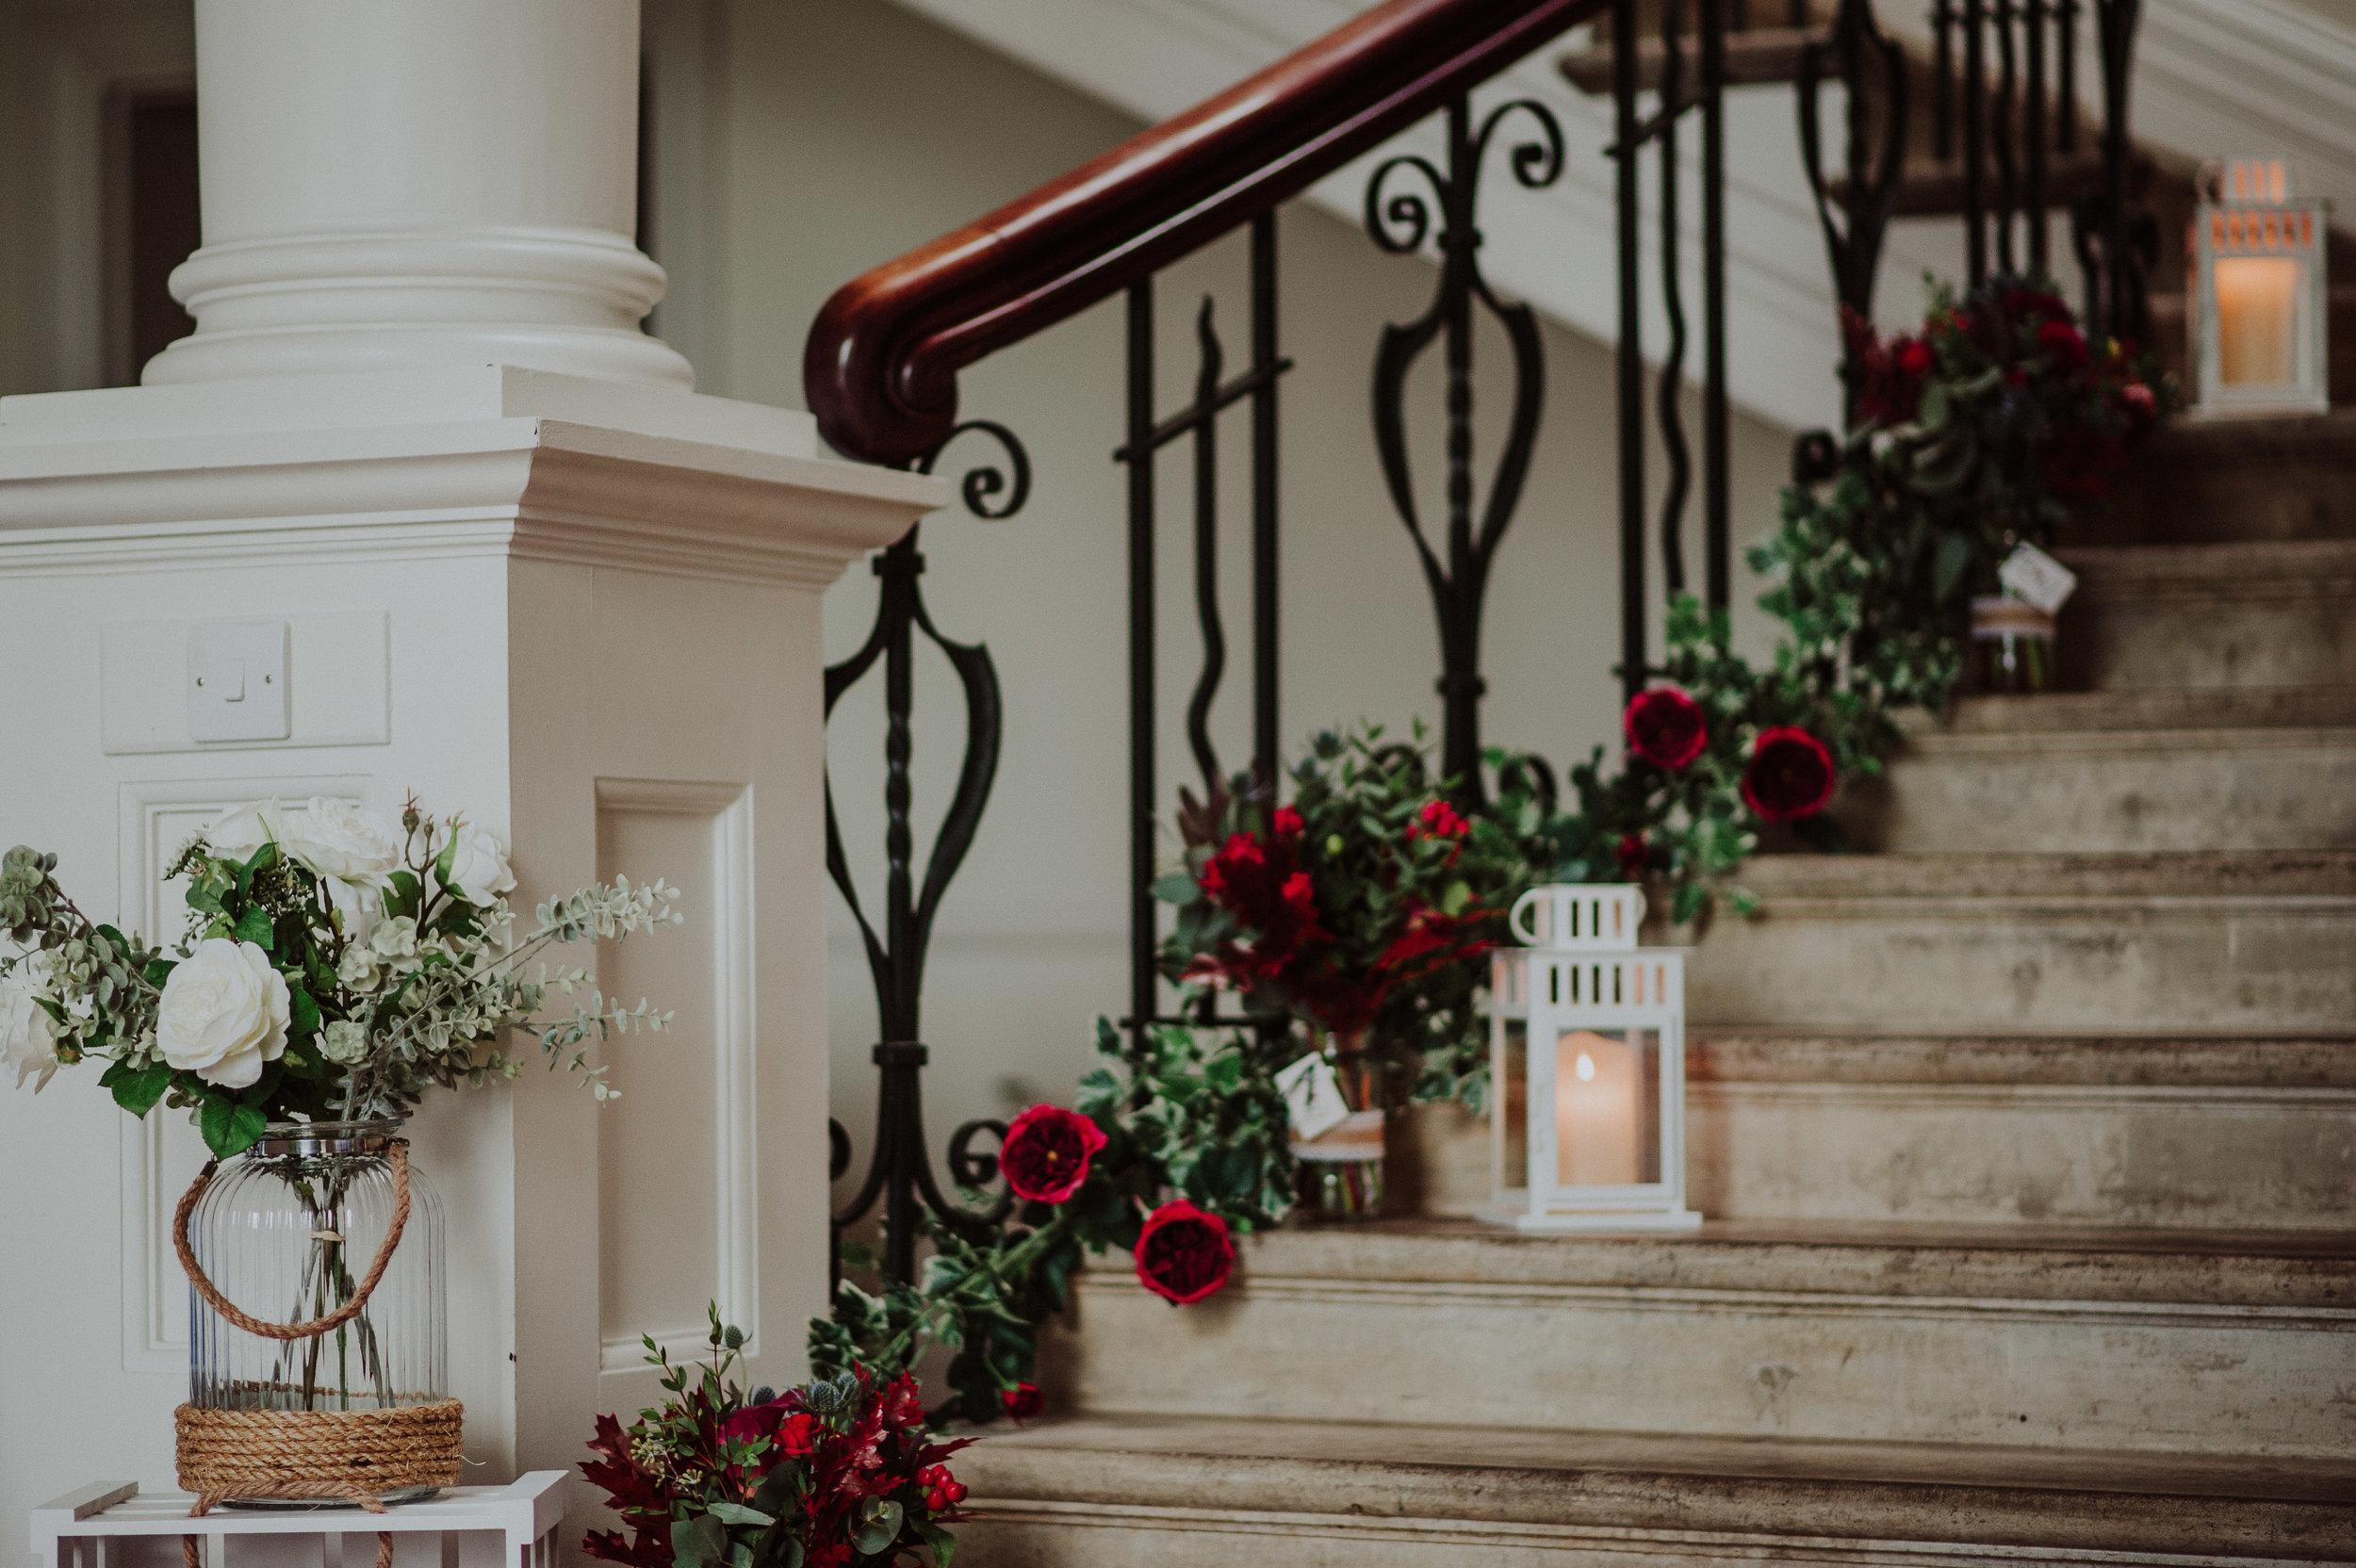 scorrier-house-wedding-photographer-8.jpg